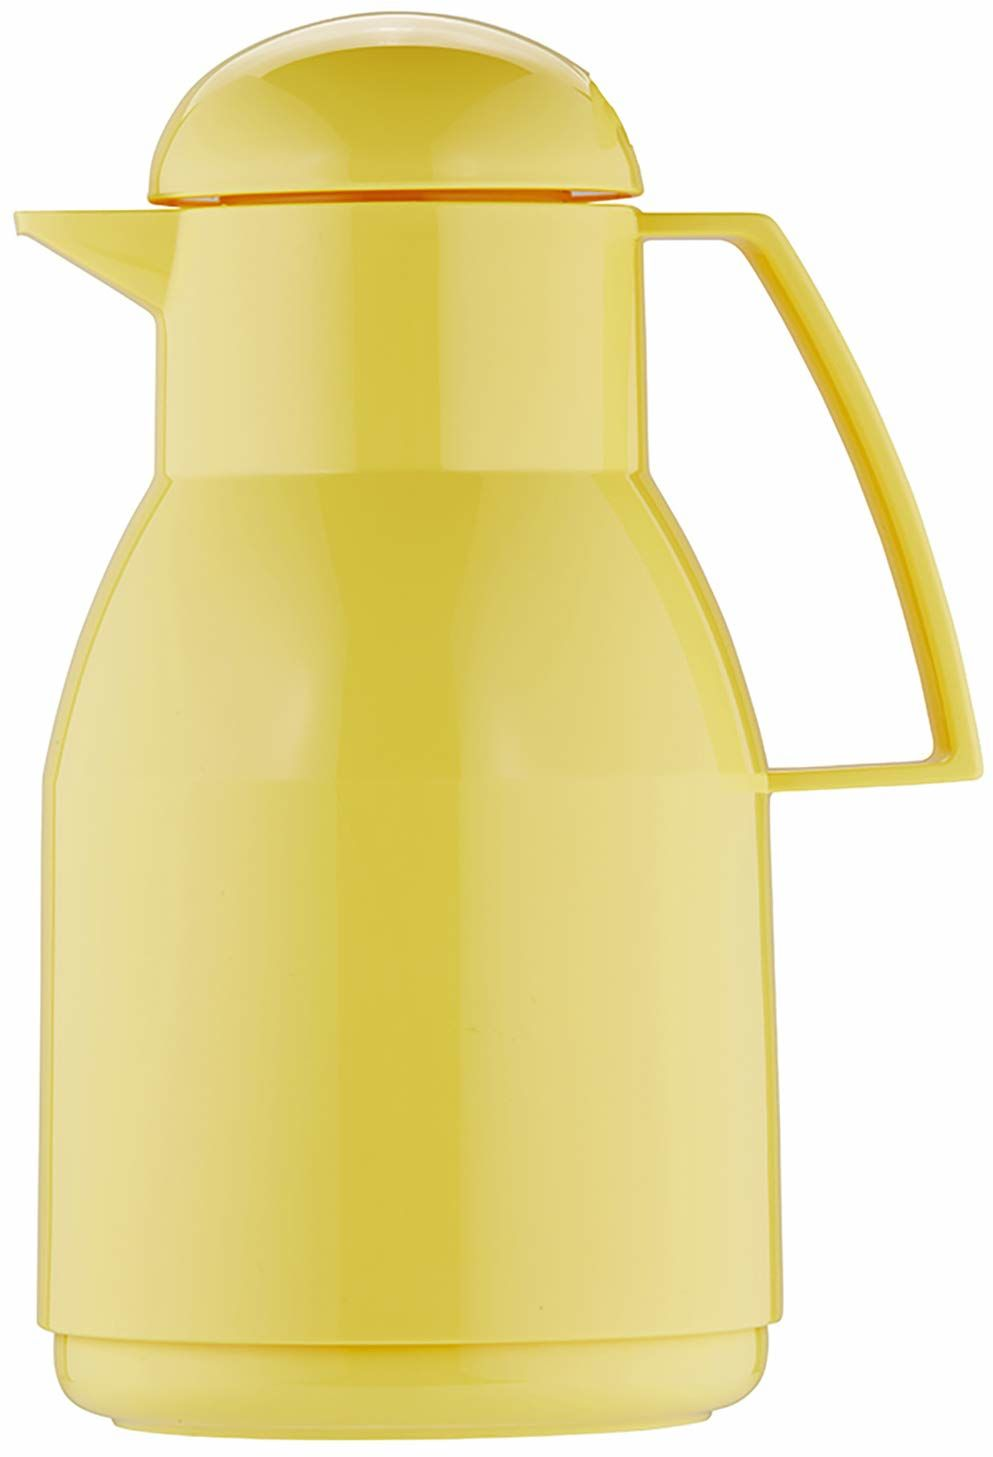 Helios Dzbanek izolacyjny z tworzywa sztucznego, żółty, 1 litr